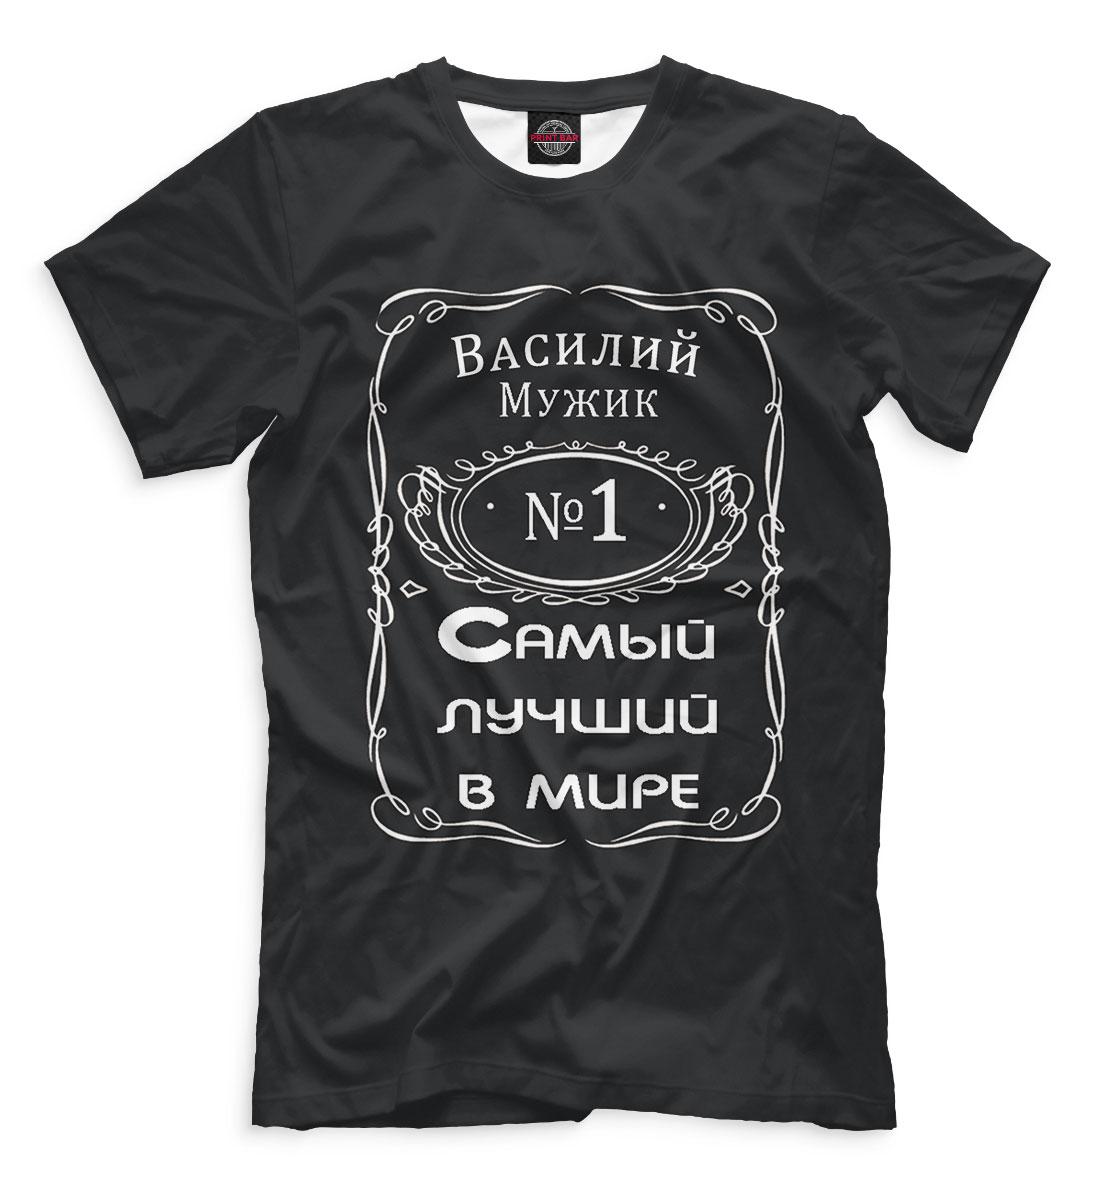 Купить Василий — самый лучший в мире, Printbar, Футболки, IMR-516419-fut-2